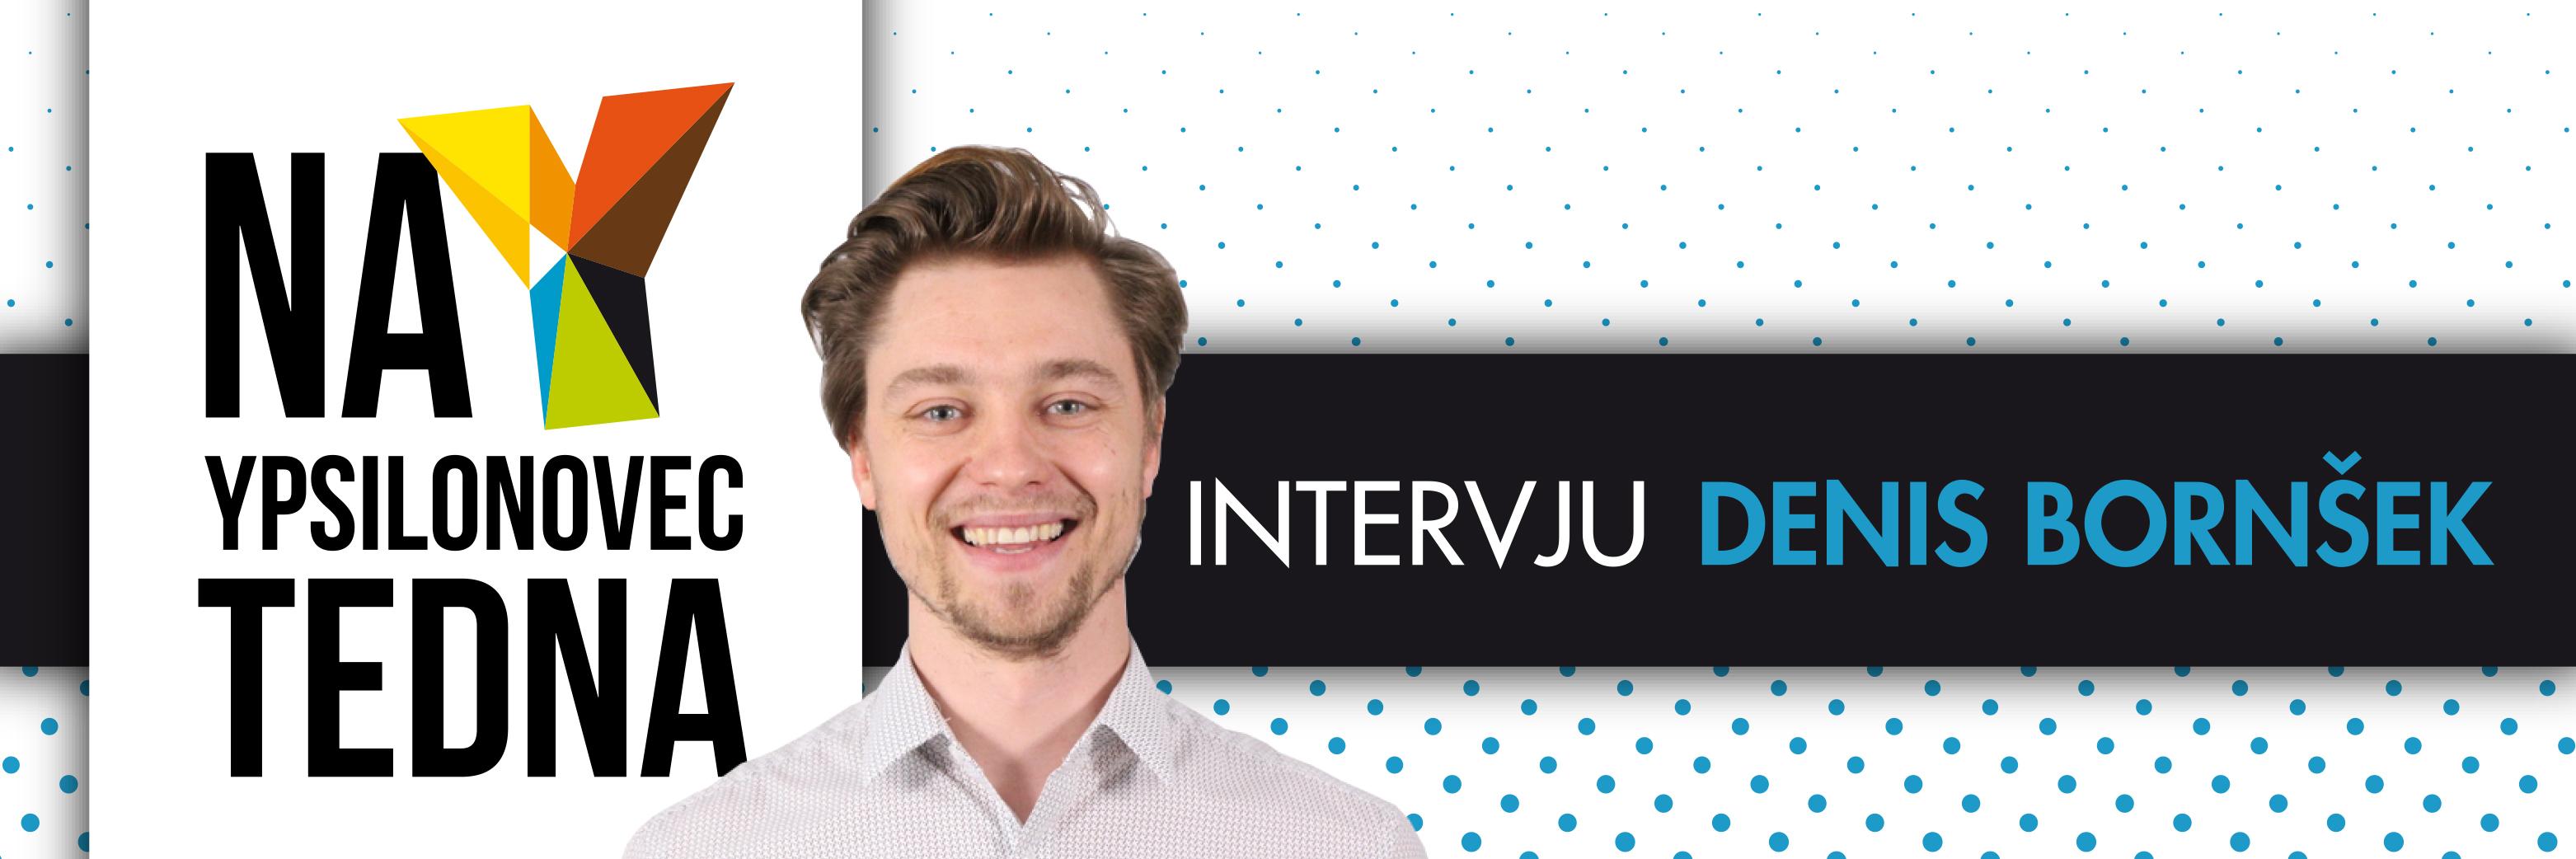 Denis Bornšek intervju